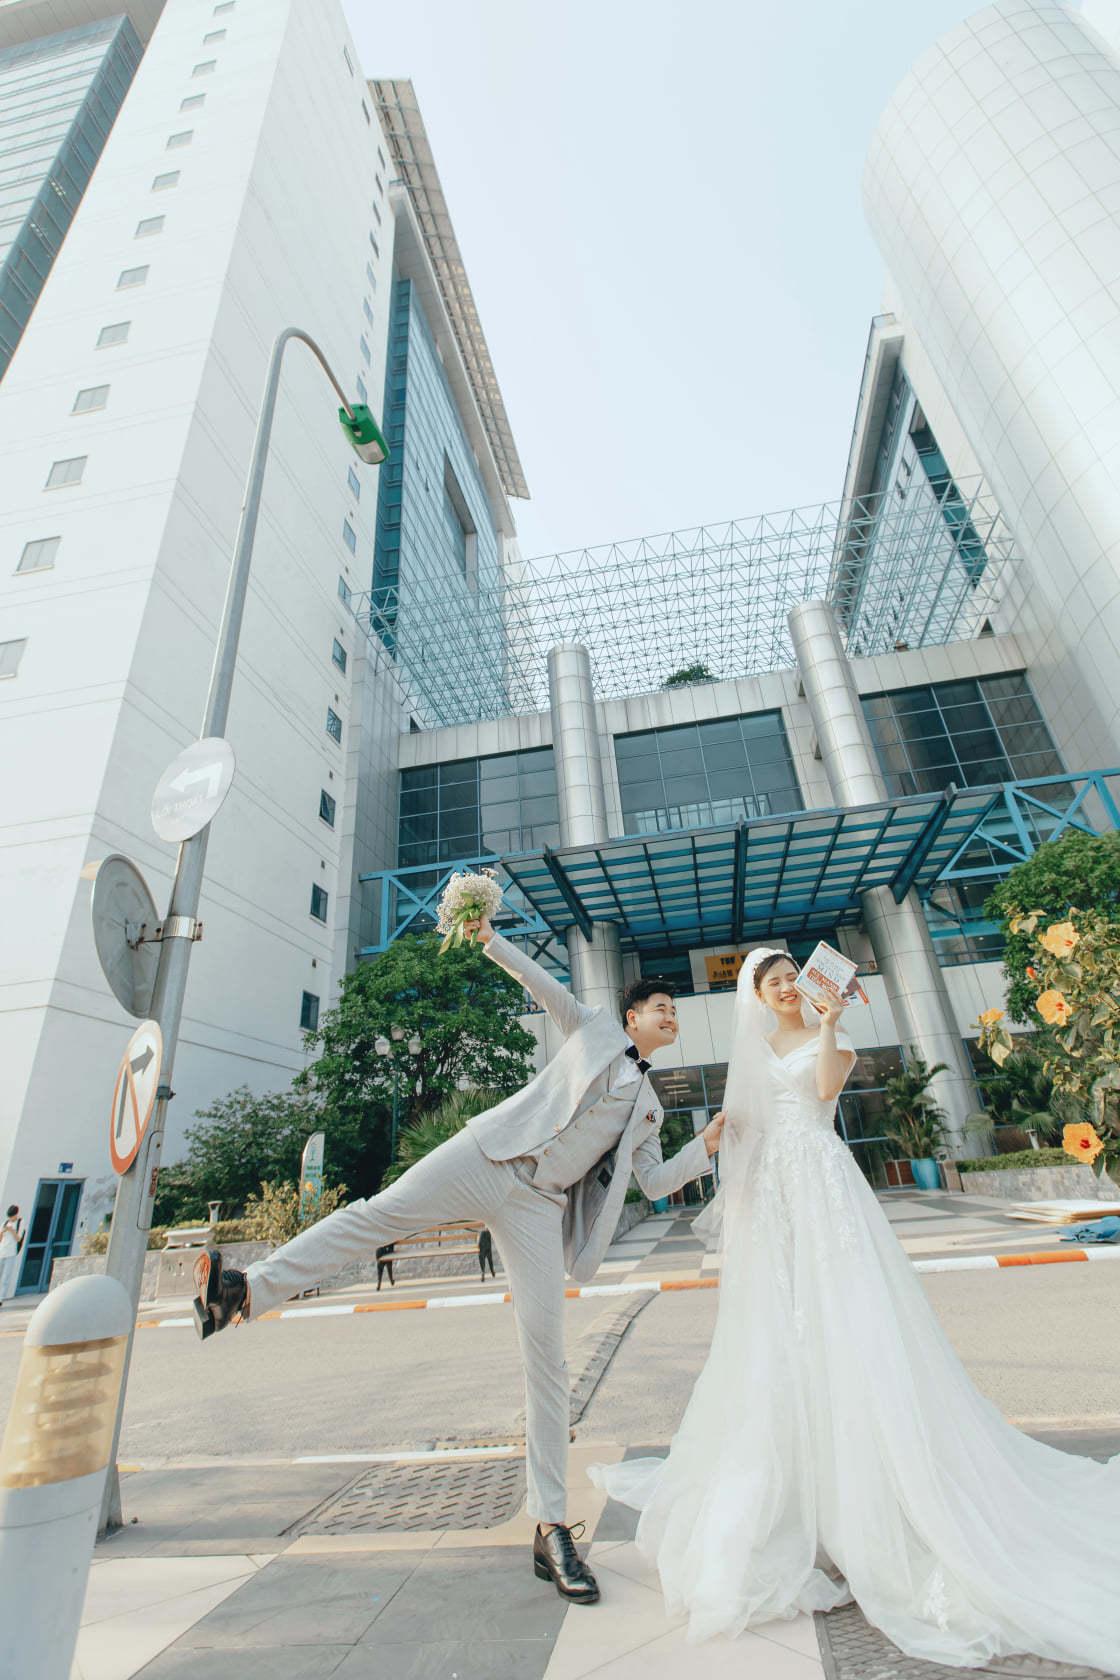 Trường đại học vào ảnh cưới đẹp lung linh của cựu sinh viên